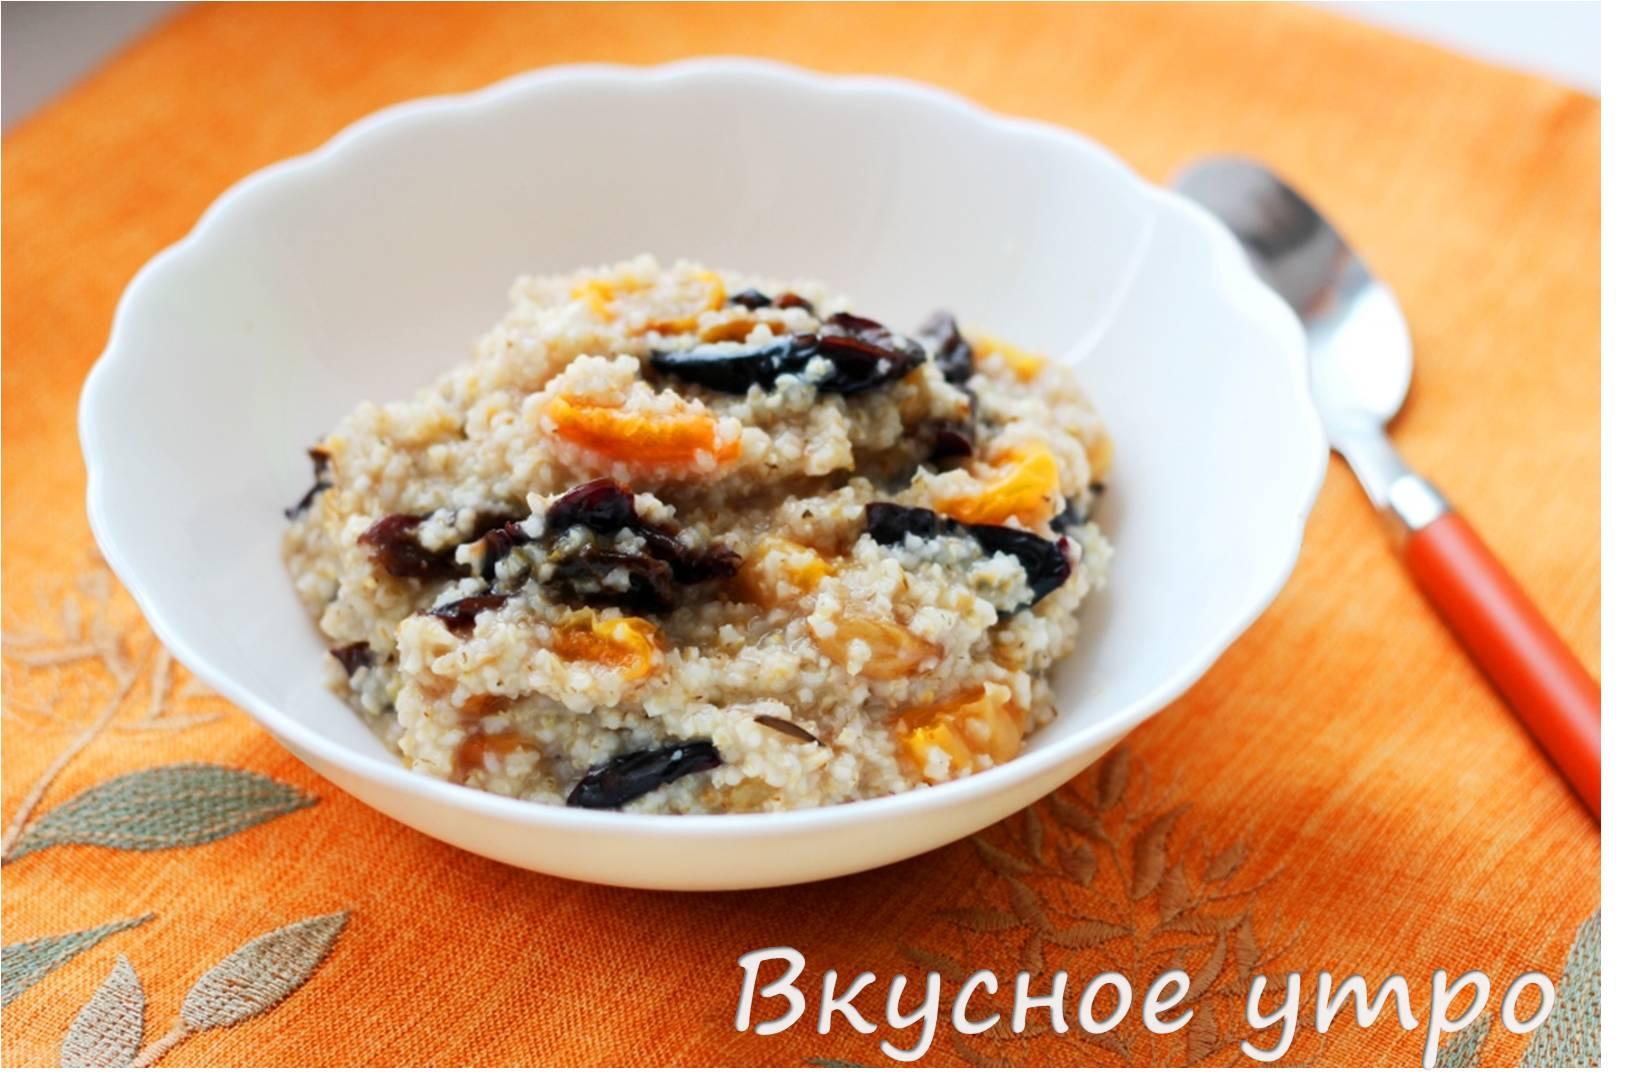 Рисовая каша с сухофруктами рецепт